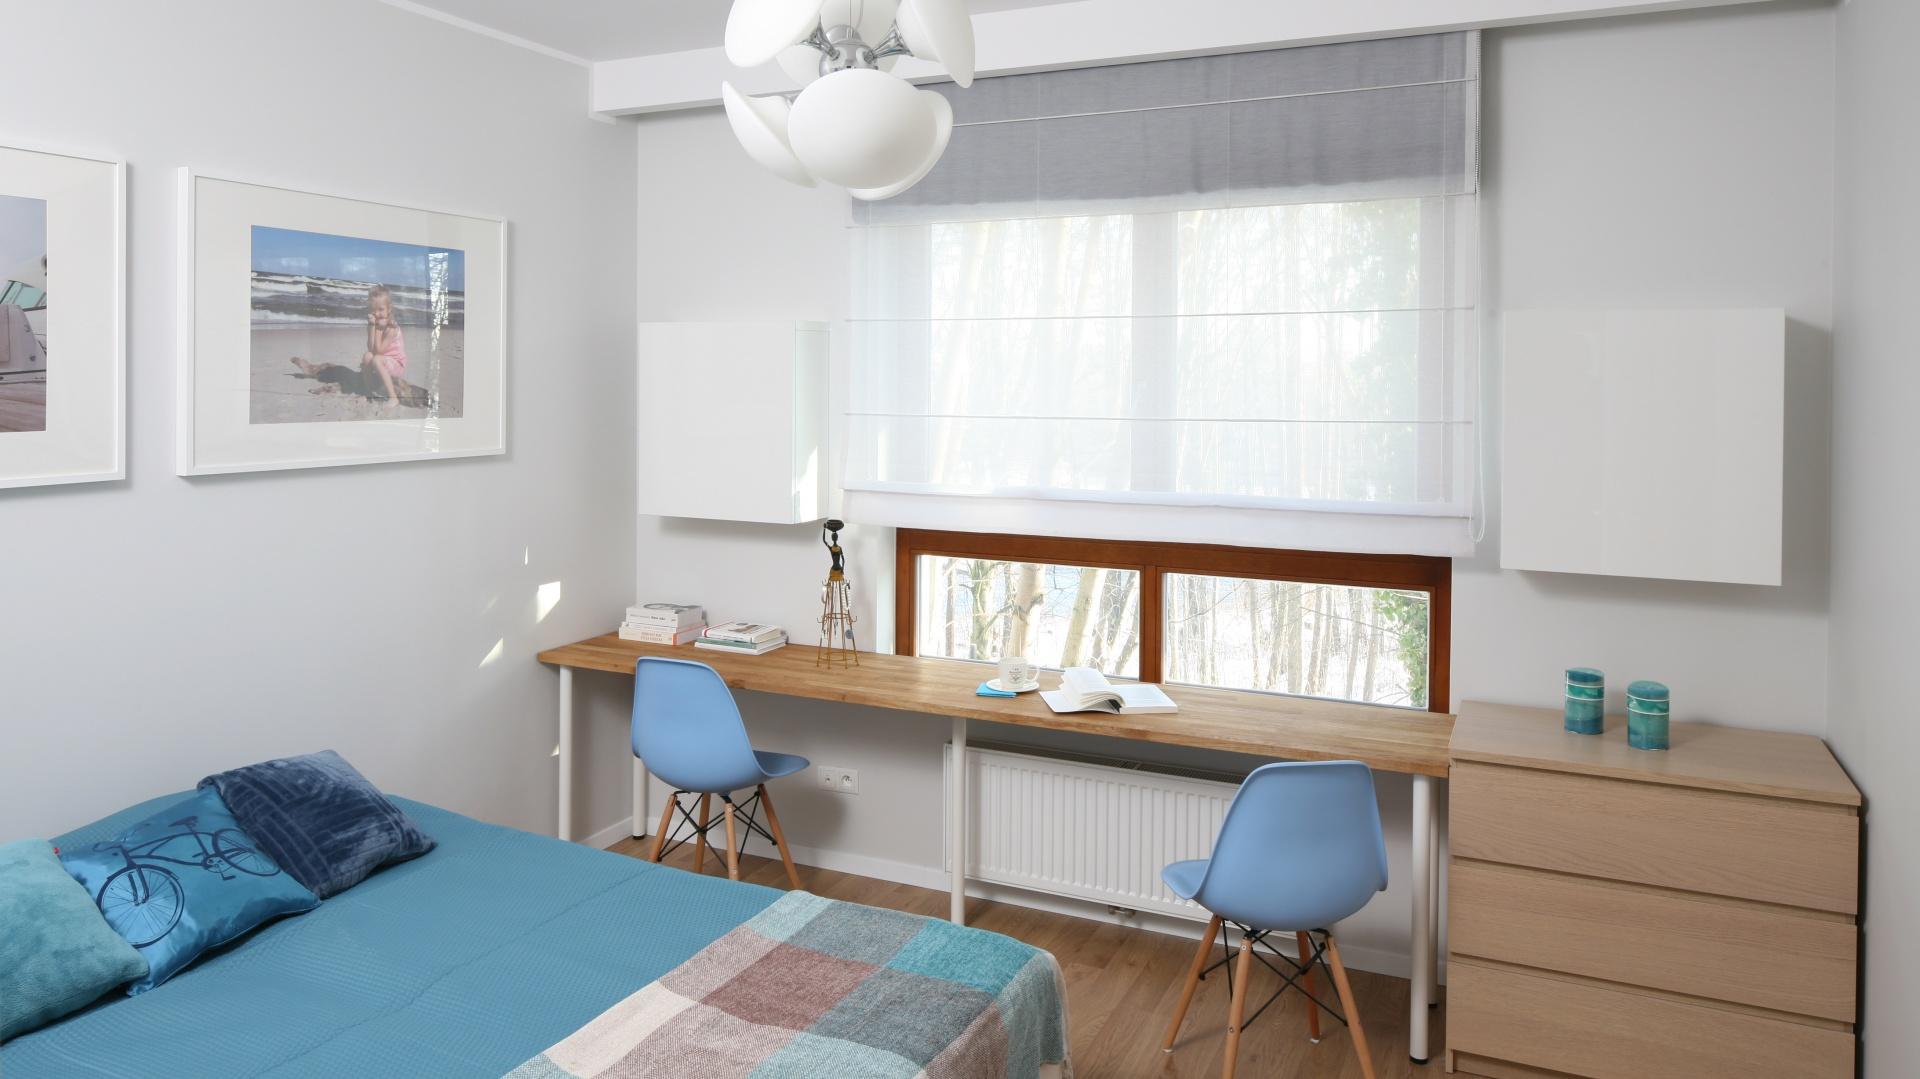 Białą sypialnię ocieploną drewnem wzbogacono o niebieskie dodatki, dzięki czemu powstała aranżacja w kolorze nadmorskiej plaży. Krzesła z błękitnymi siedziskami, ustawione przy długim blacie biurka, nadają strefie pracy gustowny, lekki wygląd. Projekt: Anna Maria Sokołowska. Fot. Bartosz Jarosz.